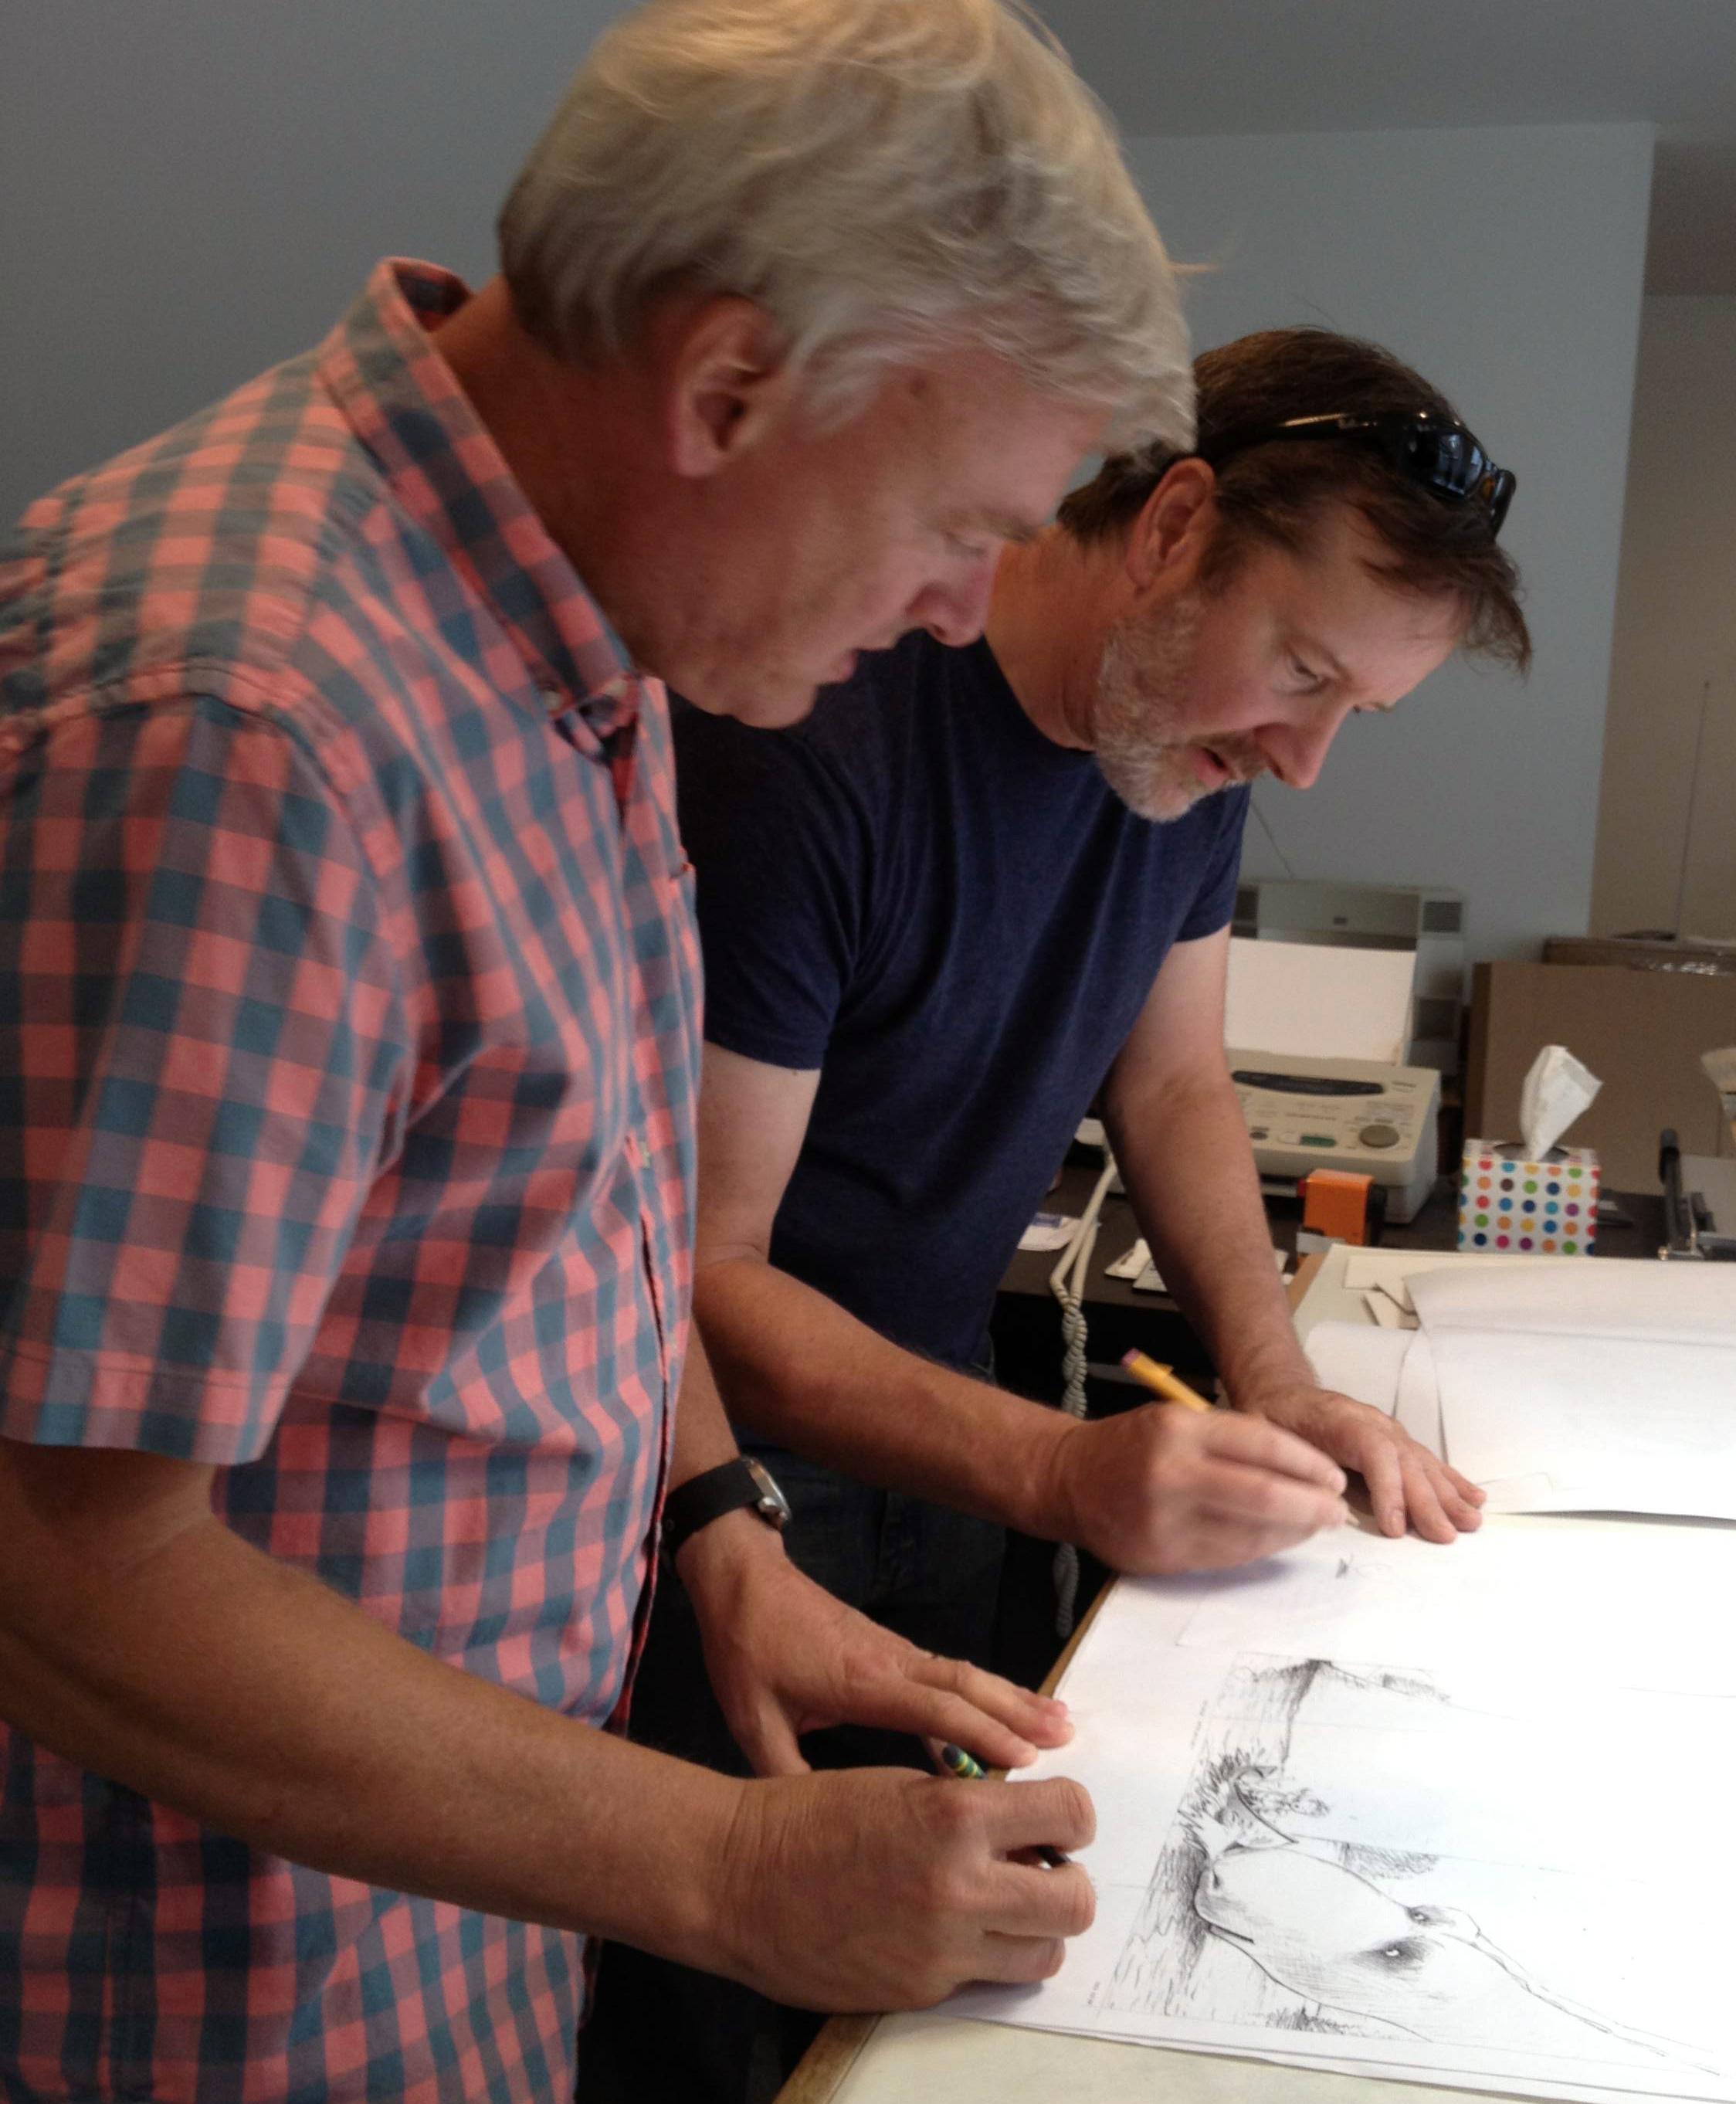 Visiting the author/illustrator Chris Van Dusen at his studio in Maine, 2014.